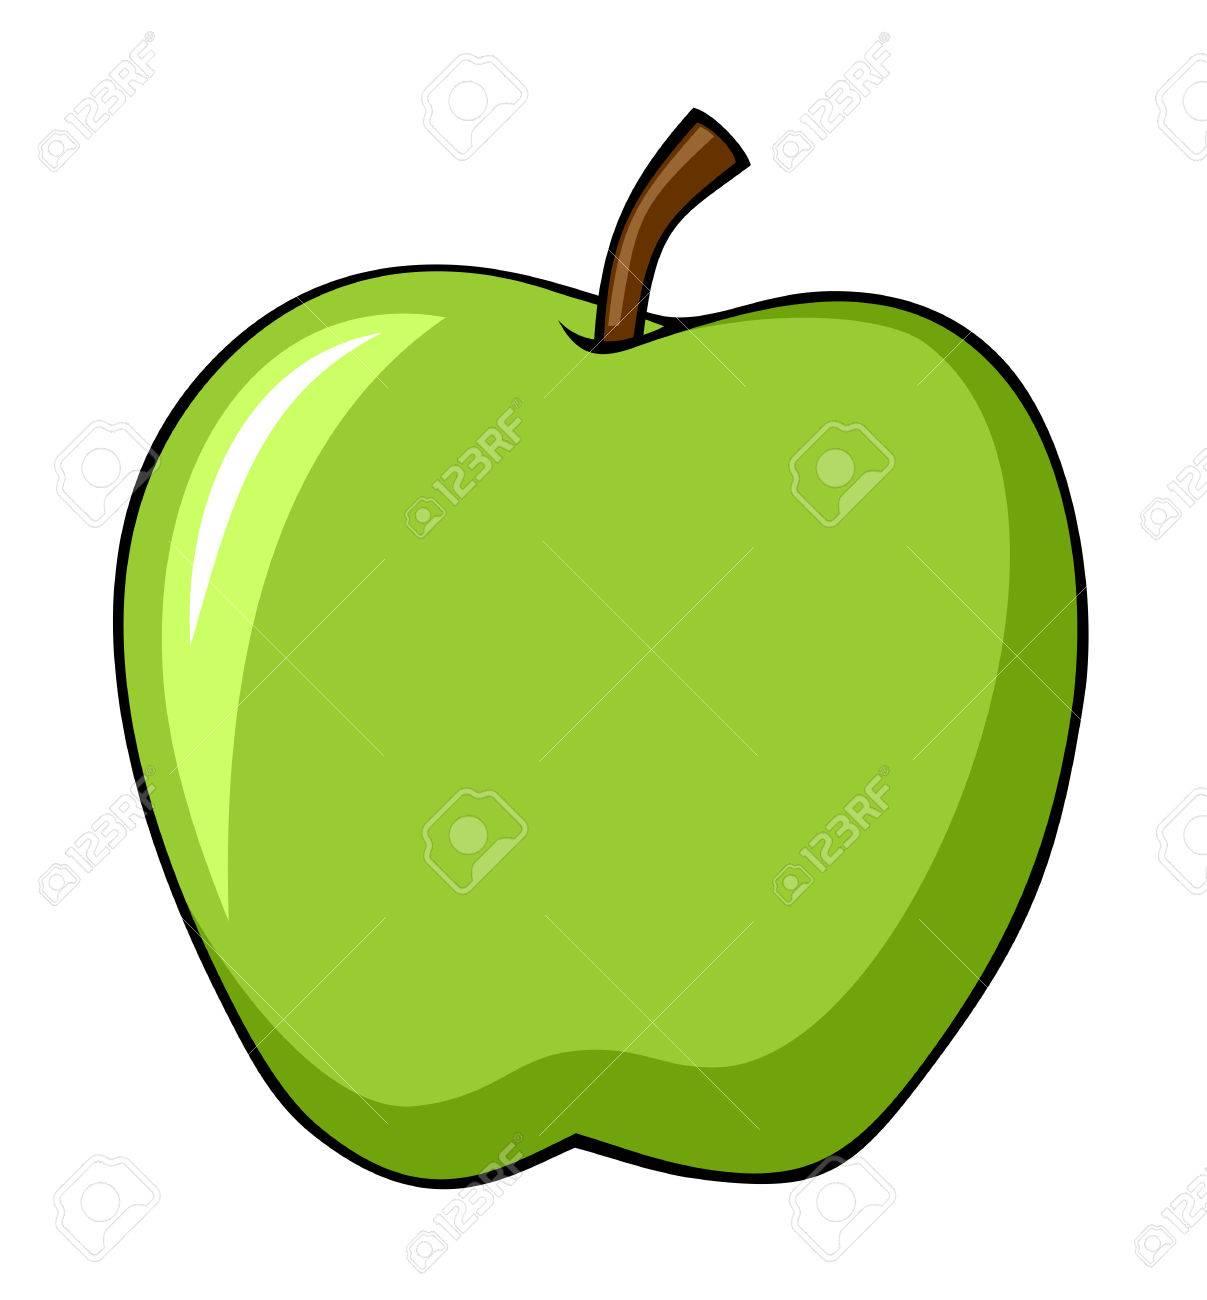 Dessin Pomme illustration abstraite du style de dessin animé de pomme verte clip